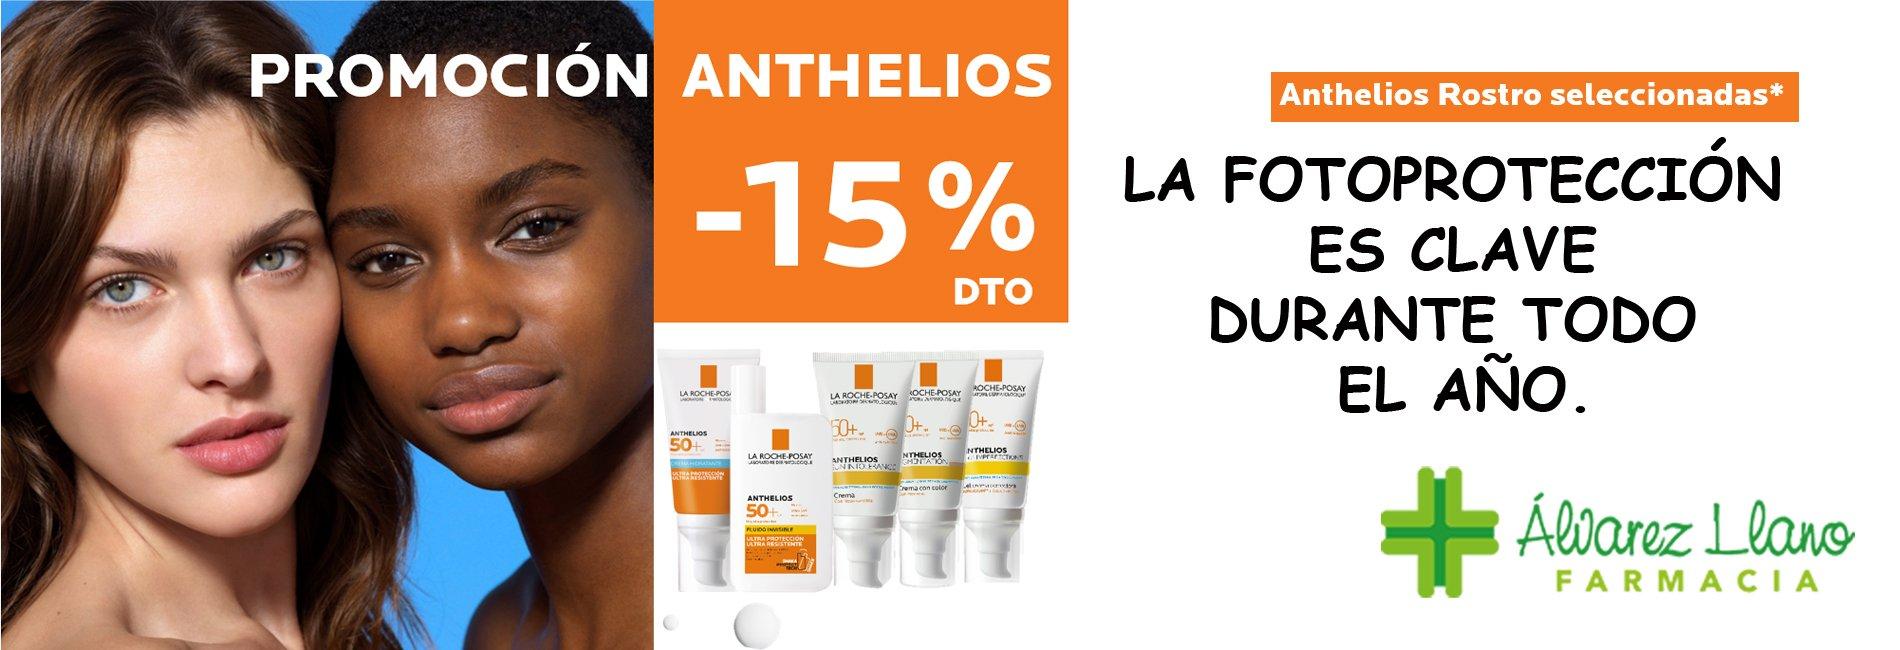 Anthelios Promoción 15% Descuento Septiembre Octubre